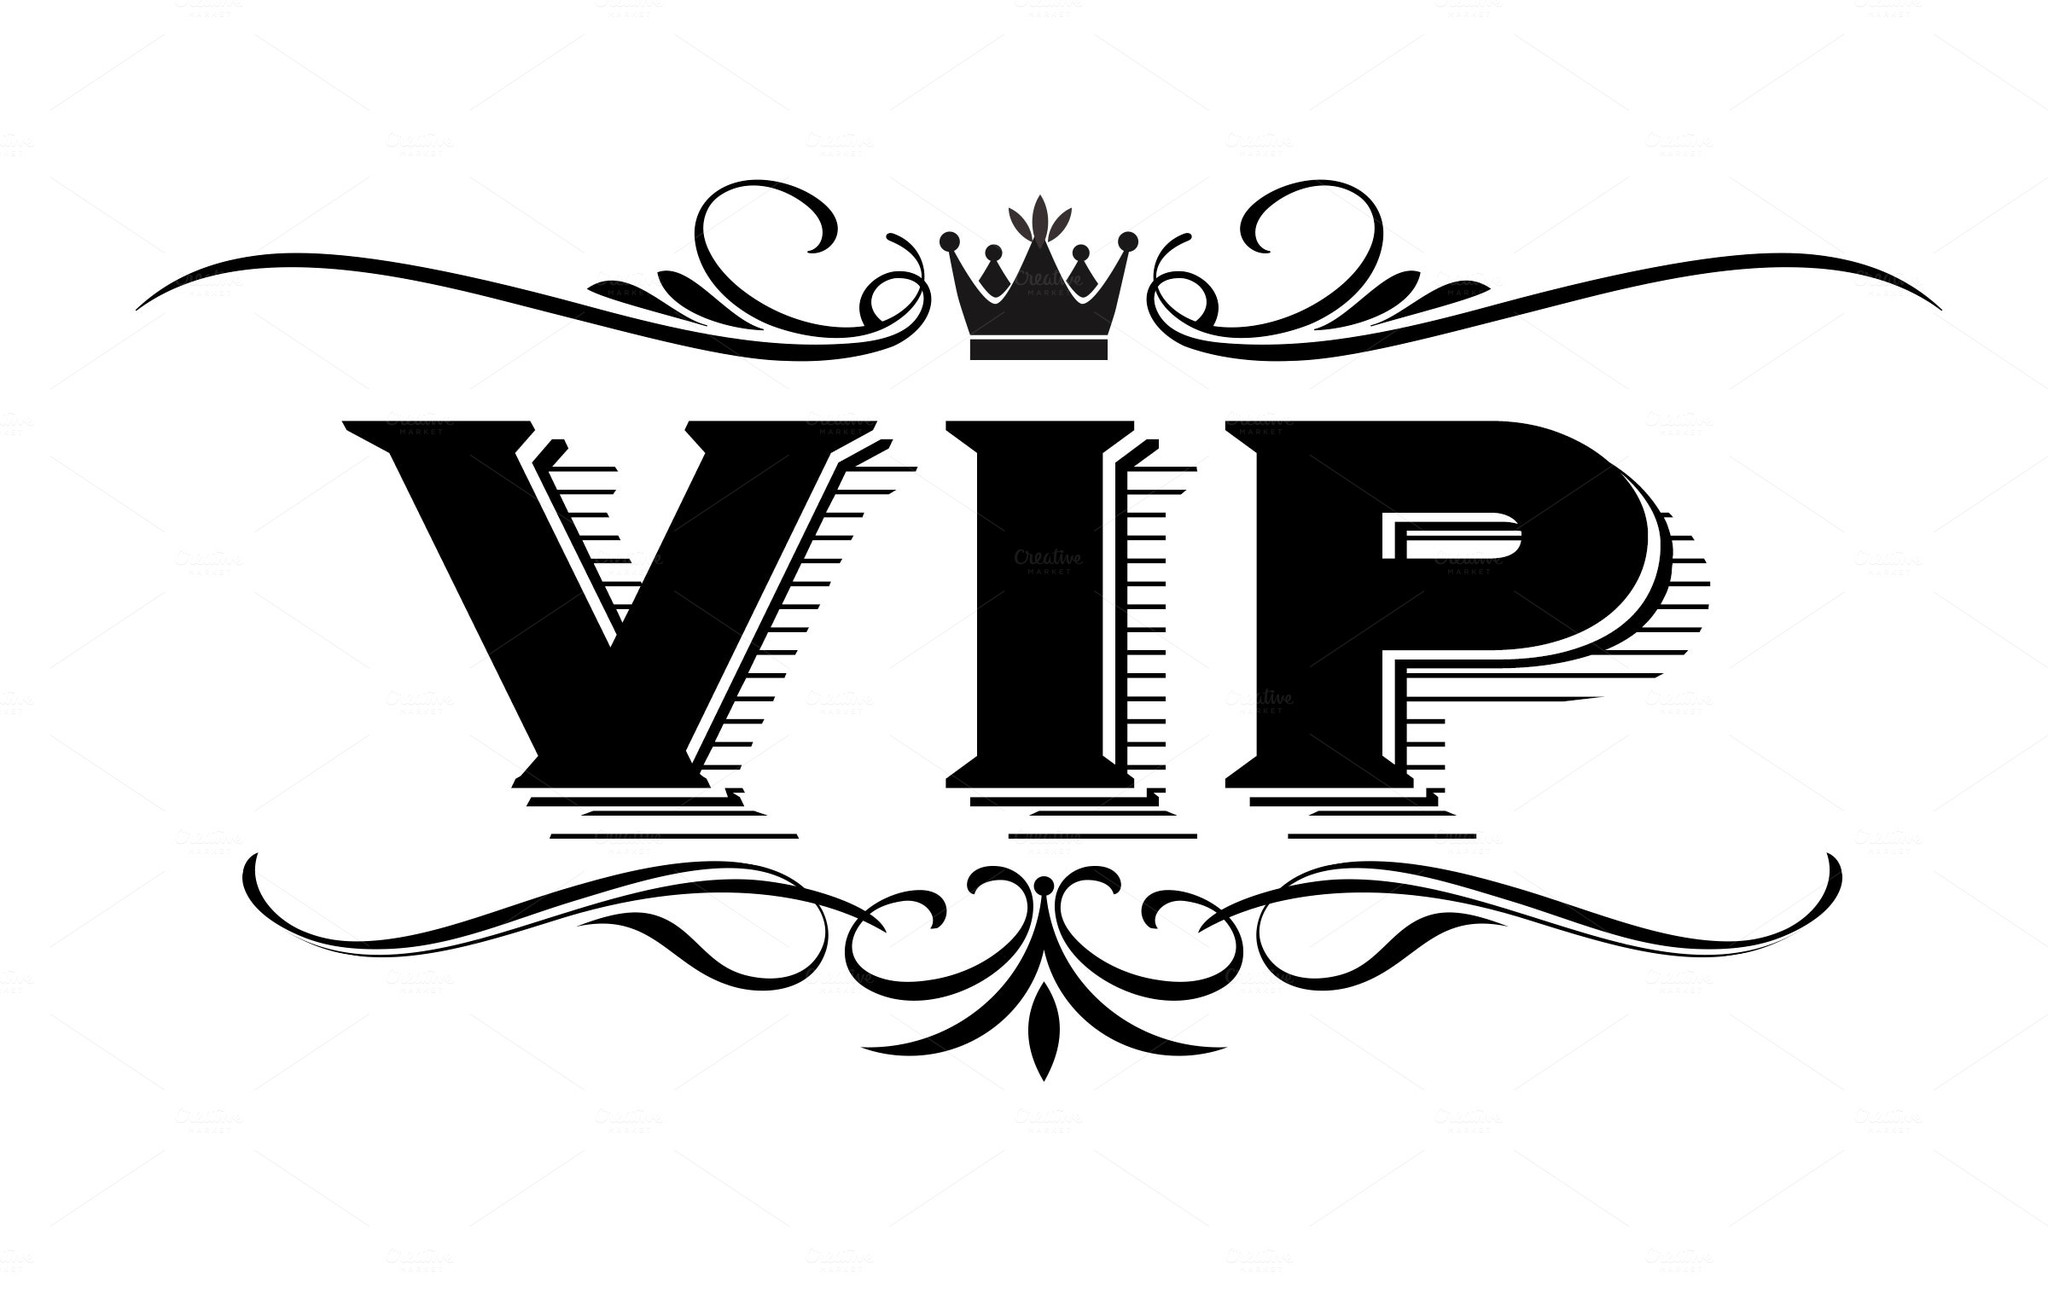 Vip-Latin-Radio